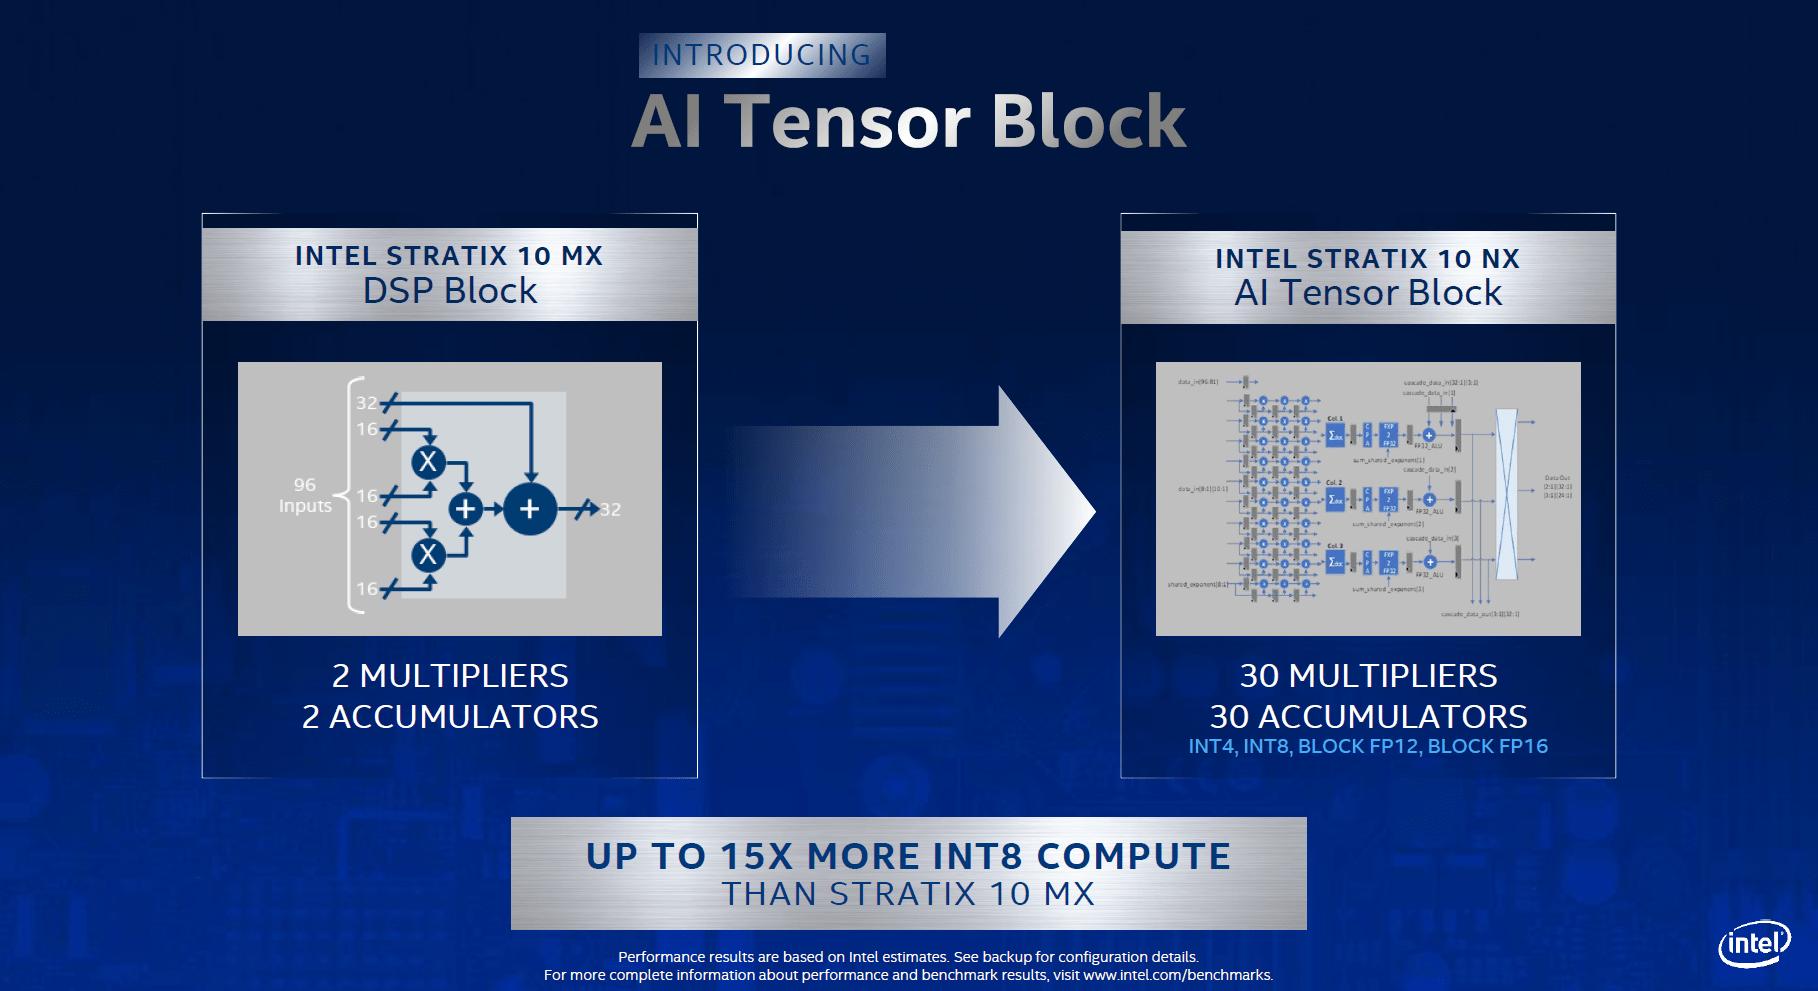 Intel Stratix 10 NX FPGA mit neuem AI Tensor Block